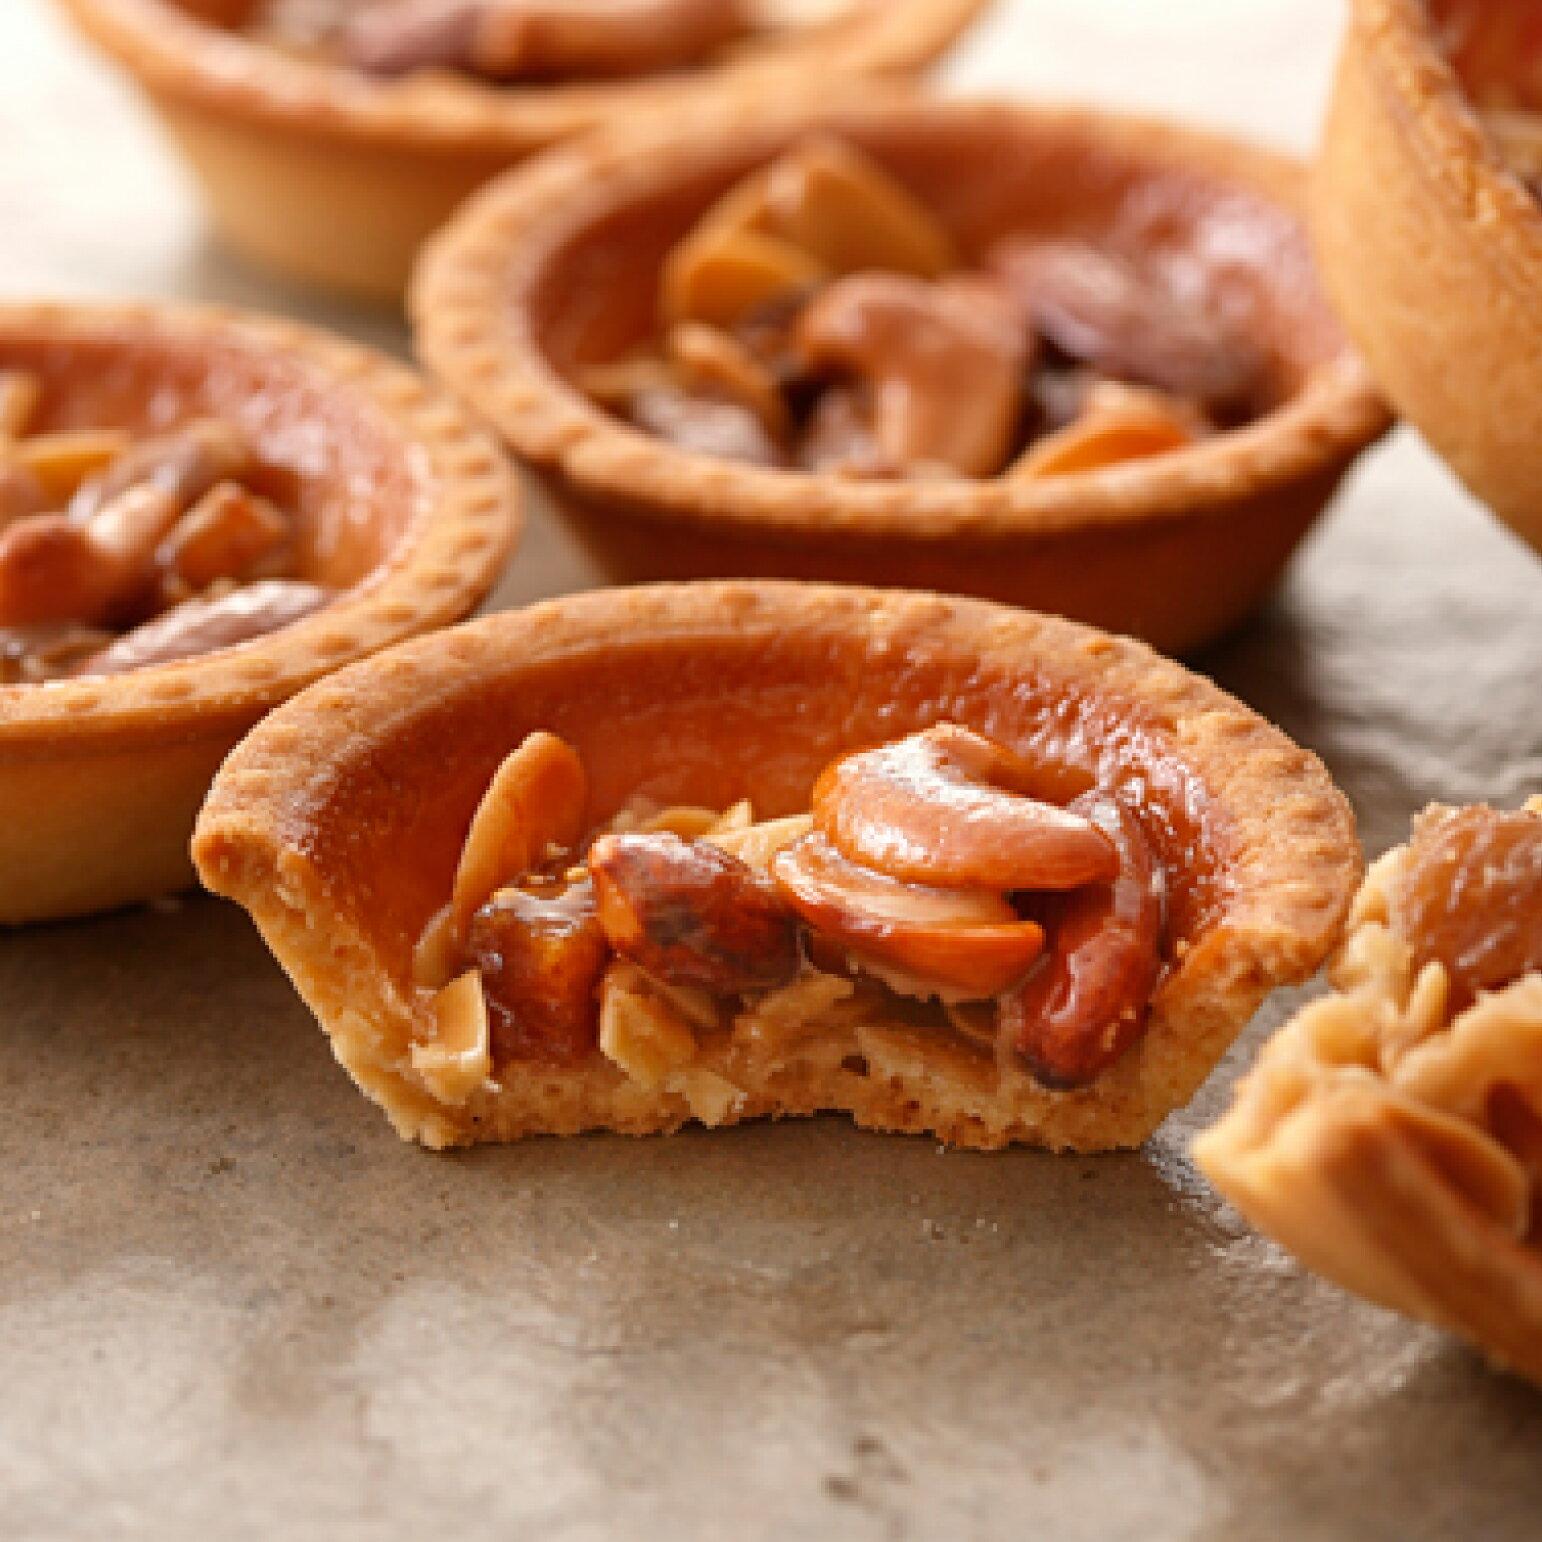 【安普蕾修Sweets】焦糖堅果塔 (10入/盒) |燒菓子系列|法式手工甜點|團購甜點下午茶|